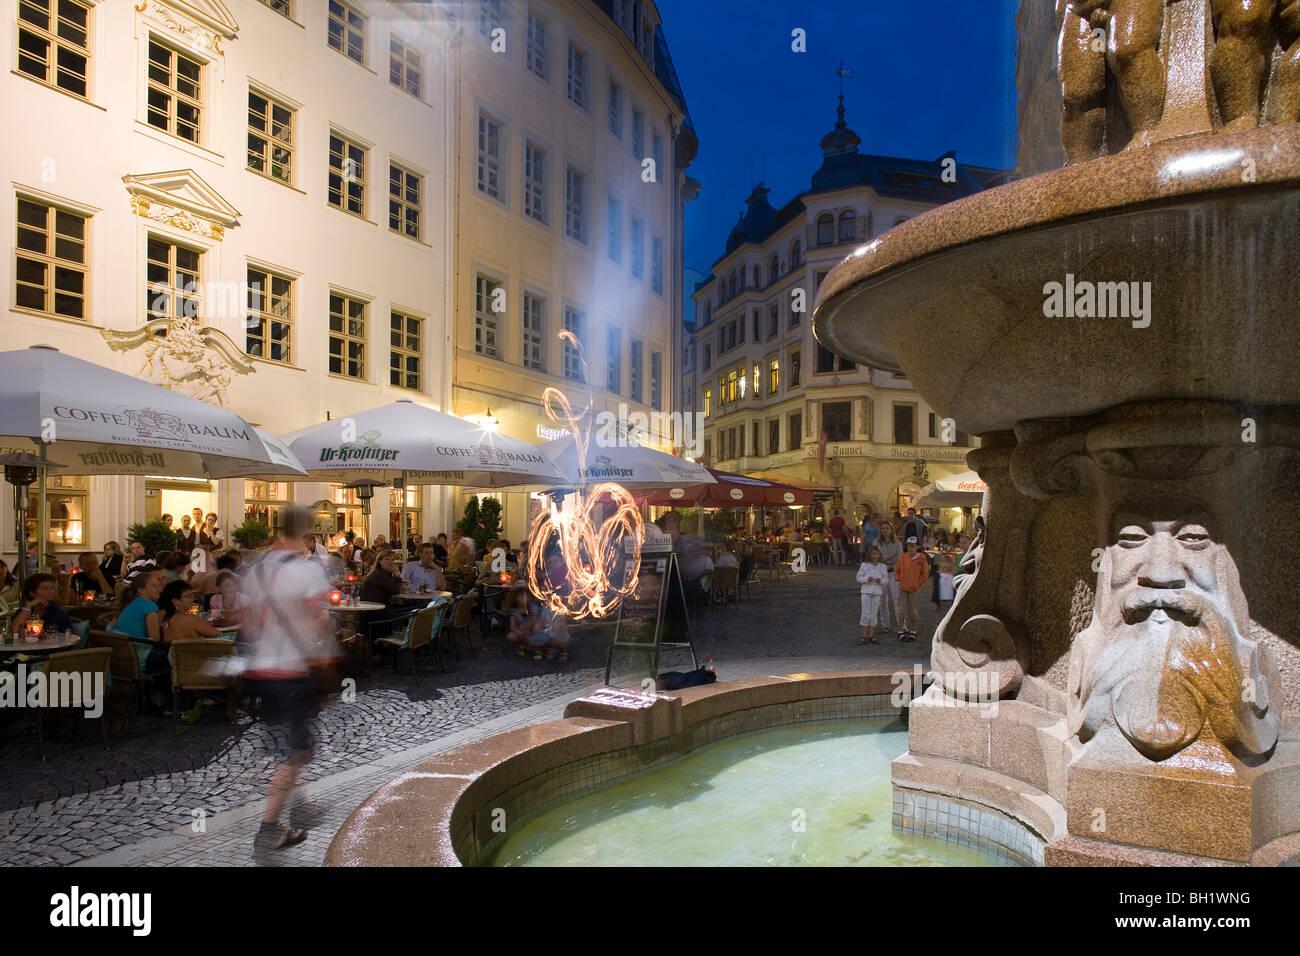 Brunnen und Menschen im Cafe Baum am Abend, Gastronomie, Fleischergasse, Leipzig, Sachsen, Deutschland, Europa Stockbild